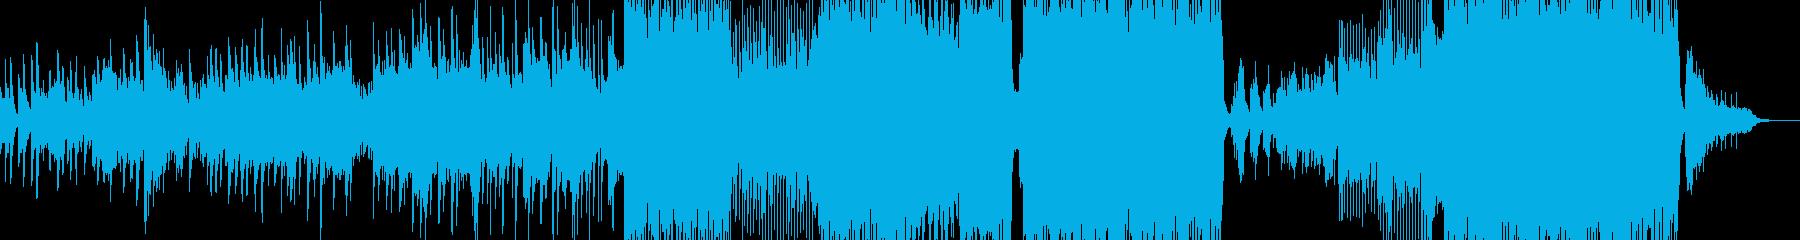 素敵な冬を彩るファンタジーポップ B3の再生済みの波形